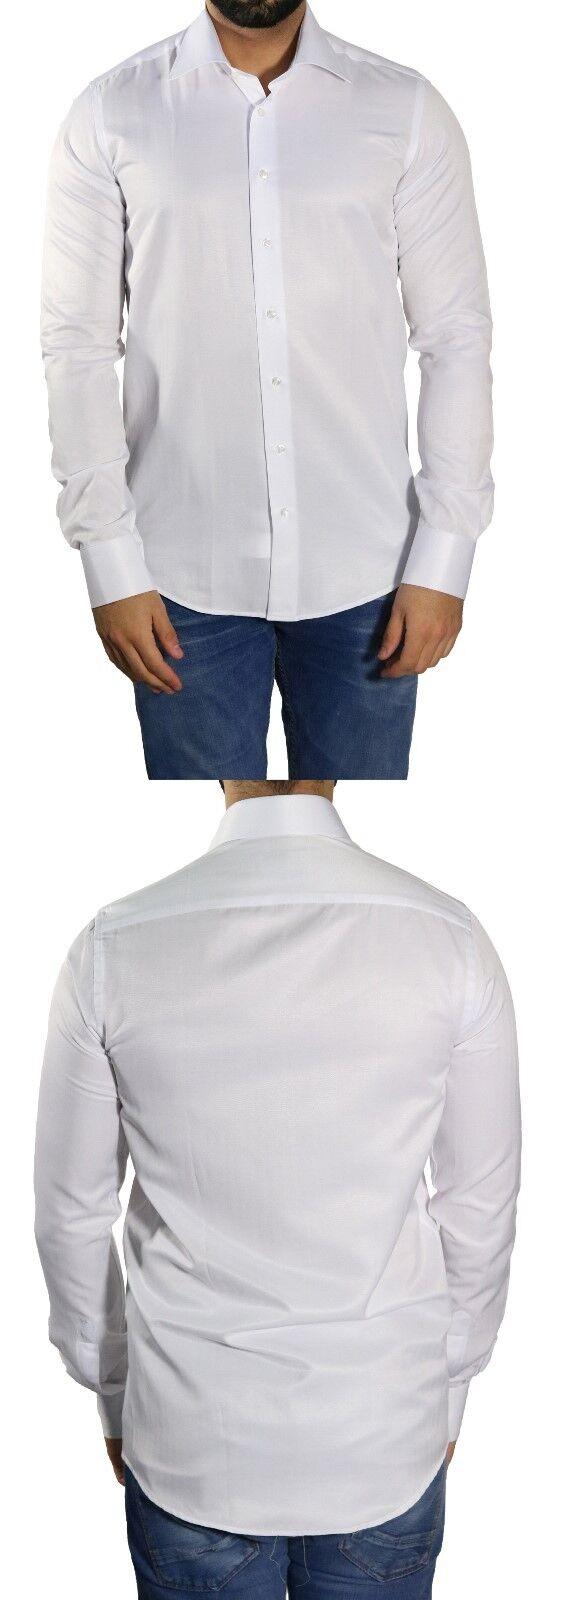 Herrenhemd Slim-fit extra lange arme Gr.3XL Weiß   | Moderate Kosten  | Billig ideal  | Lassen Sie unsere Produkte in die Welt gehen